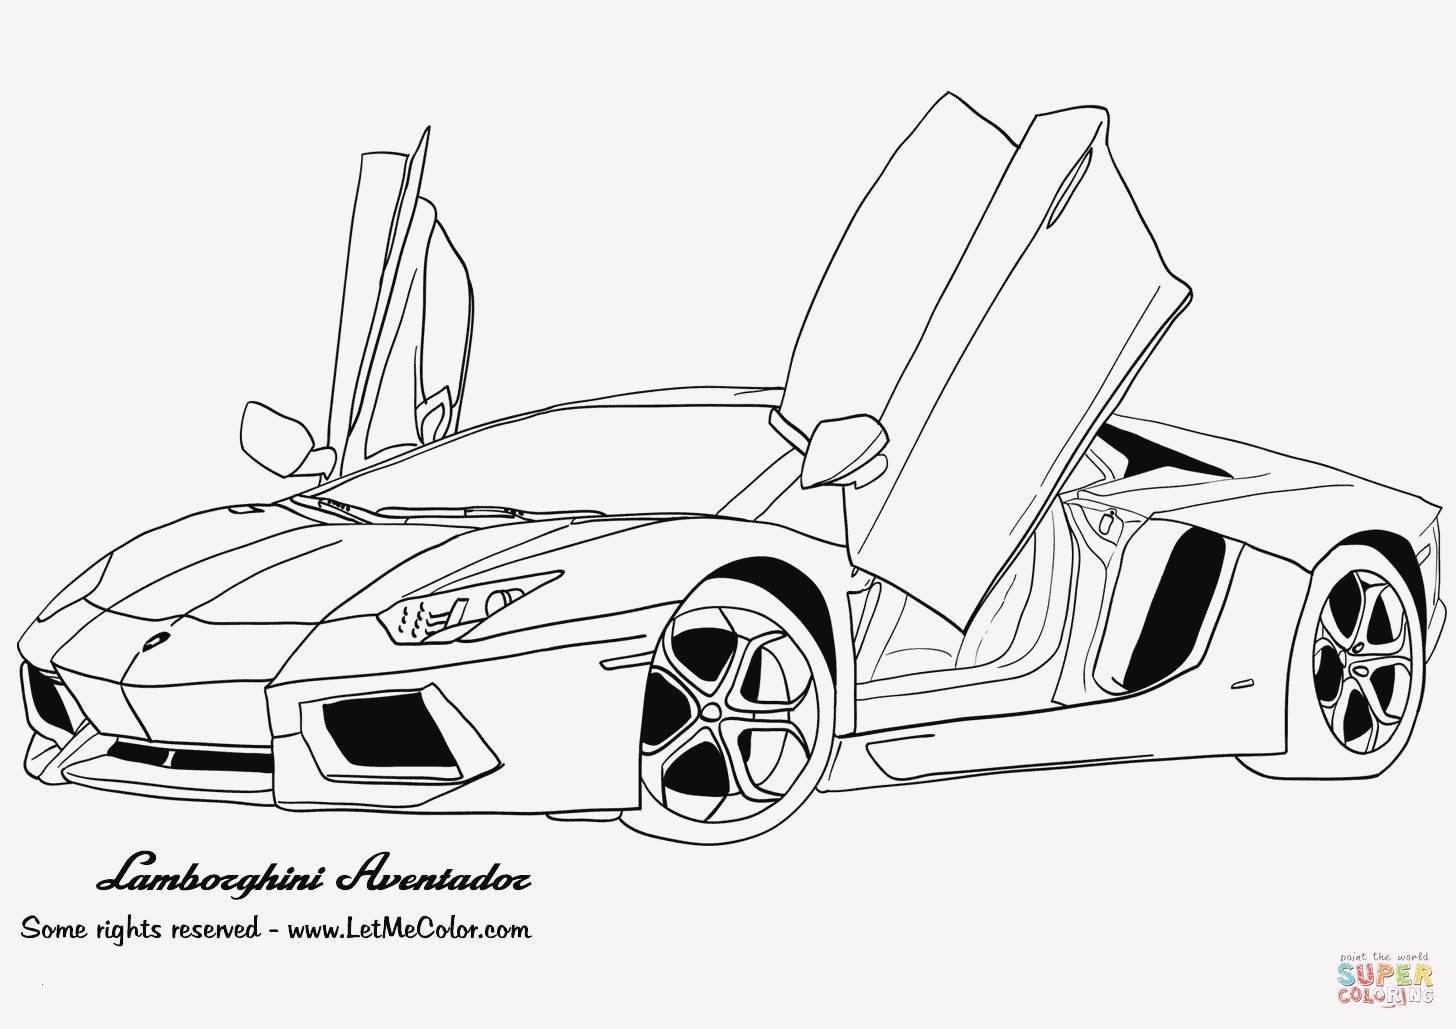 Lamborghini Zum Ausmalen Genial 25 Liebenswert Ausmalbilder Zum Ausdrucken Lamborghini Frisch Galerie